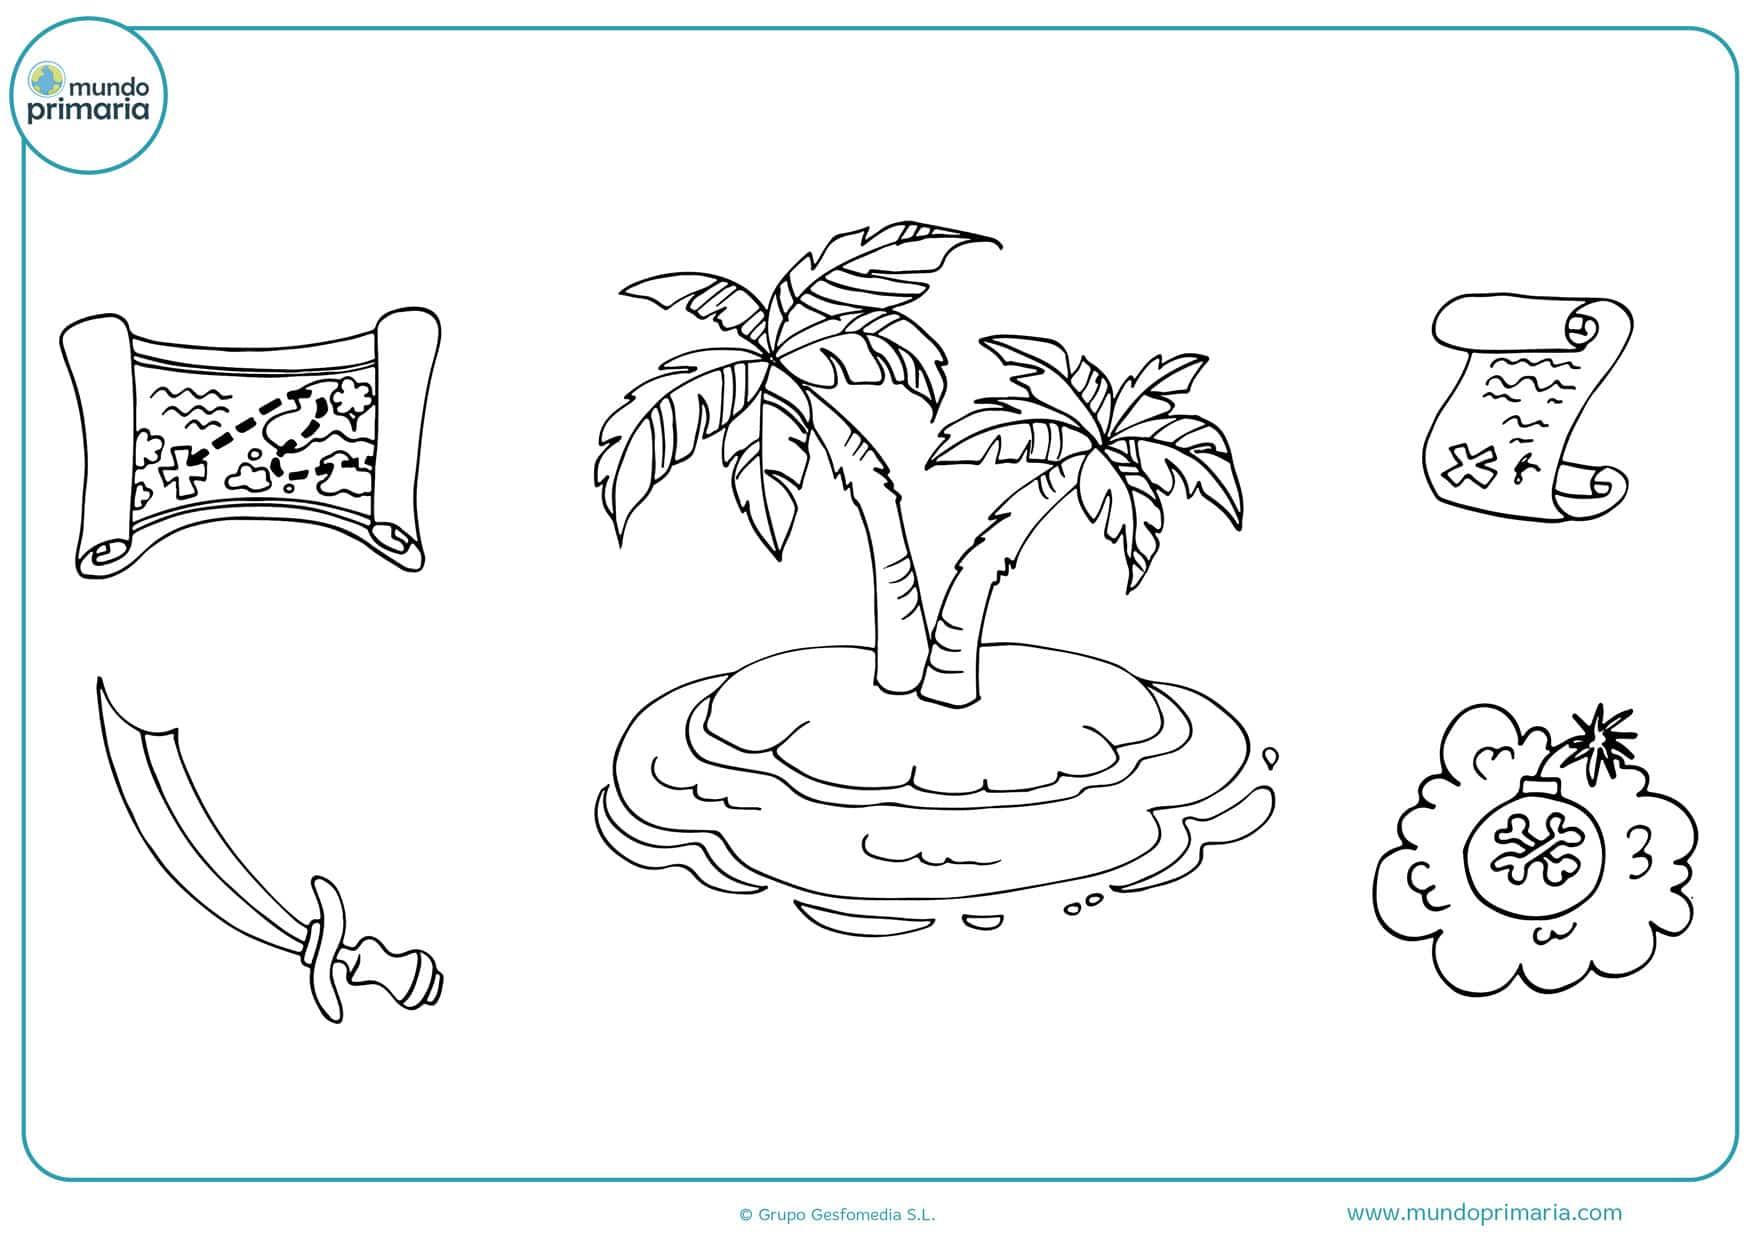 dibujos para colorear e imprimir de cartas piratas